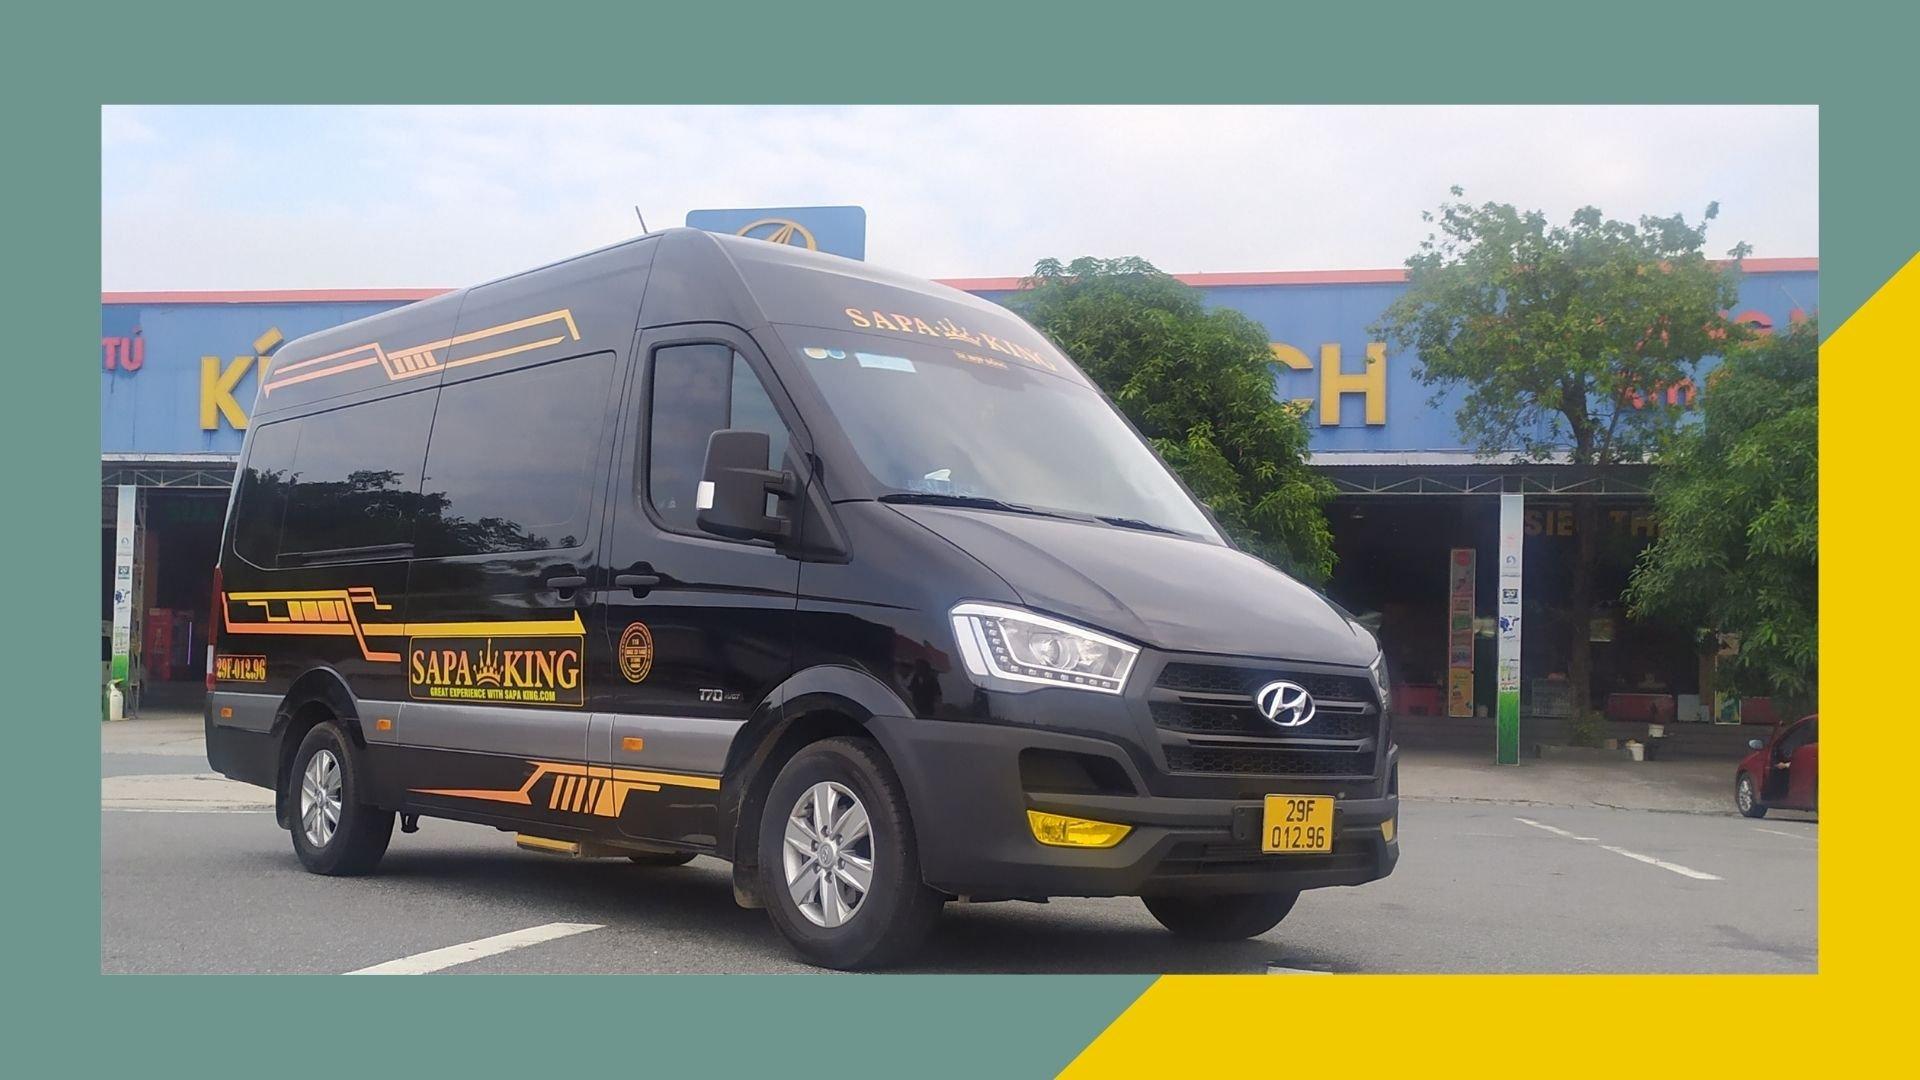 Vé xe Nội Bài đi Sapa - Đặt xe tại Xehanoisapa.com - Xe Limousine 9 Chỗ